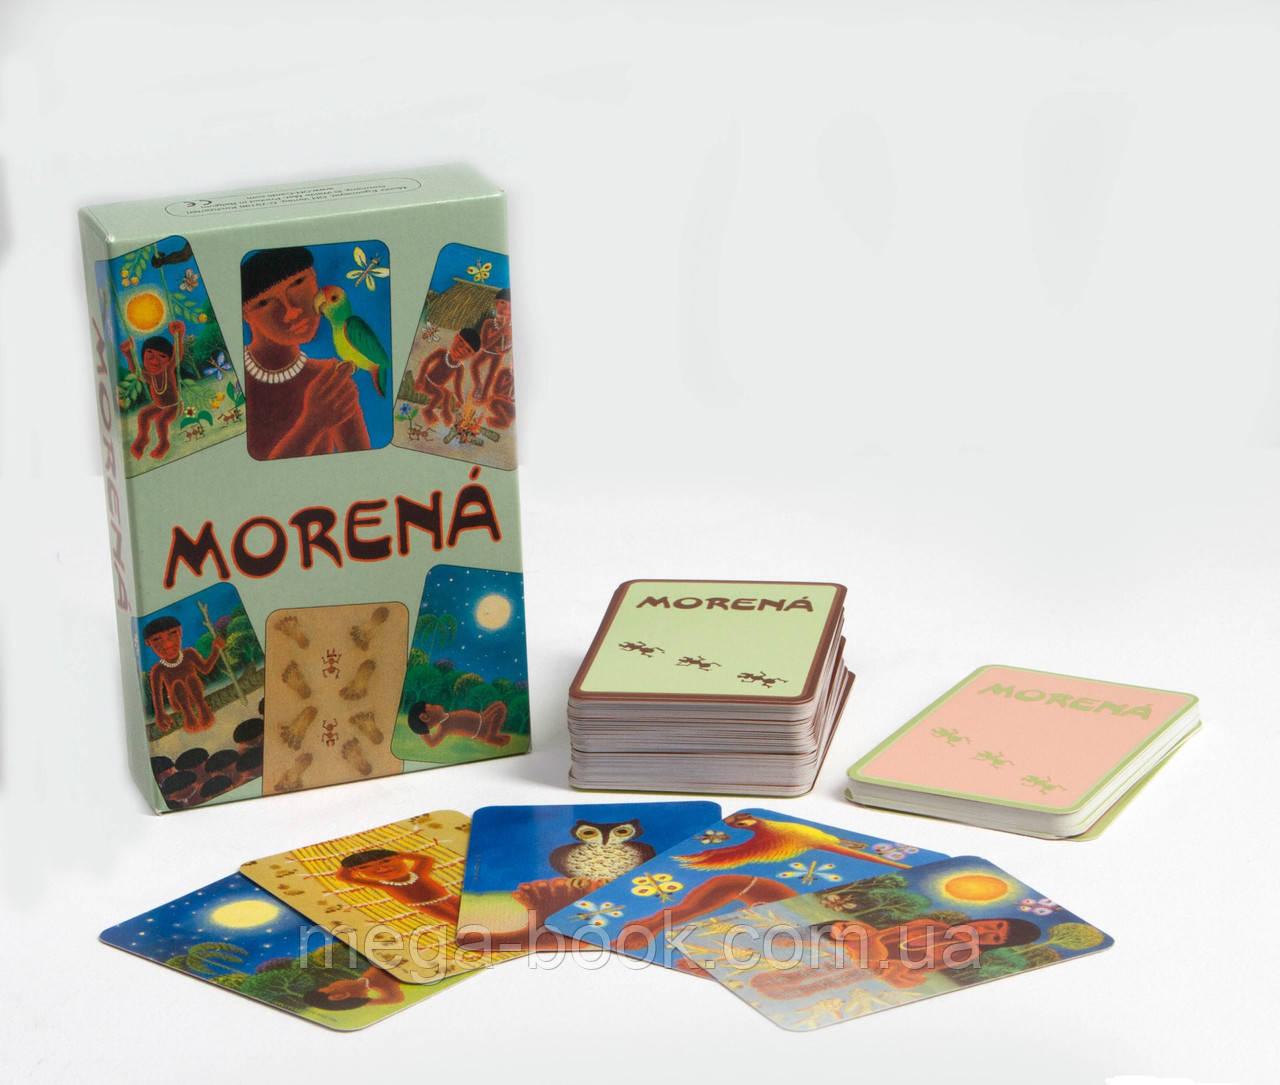 MORENA (Морена). Метафорические ассоциативные карты